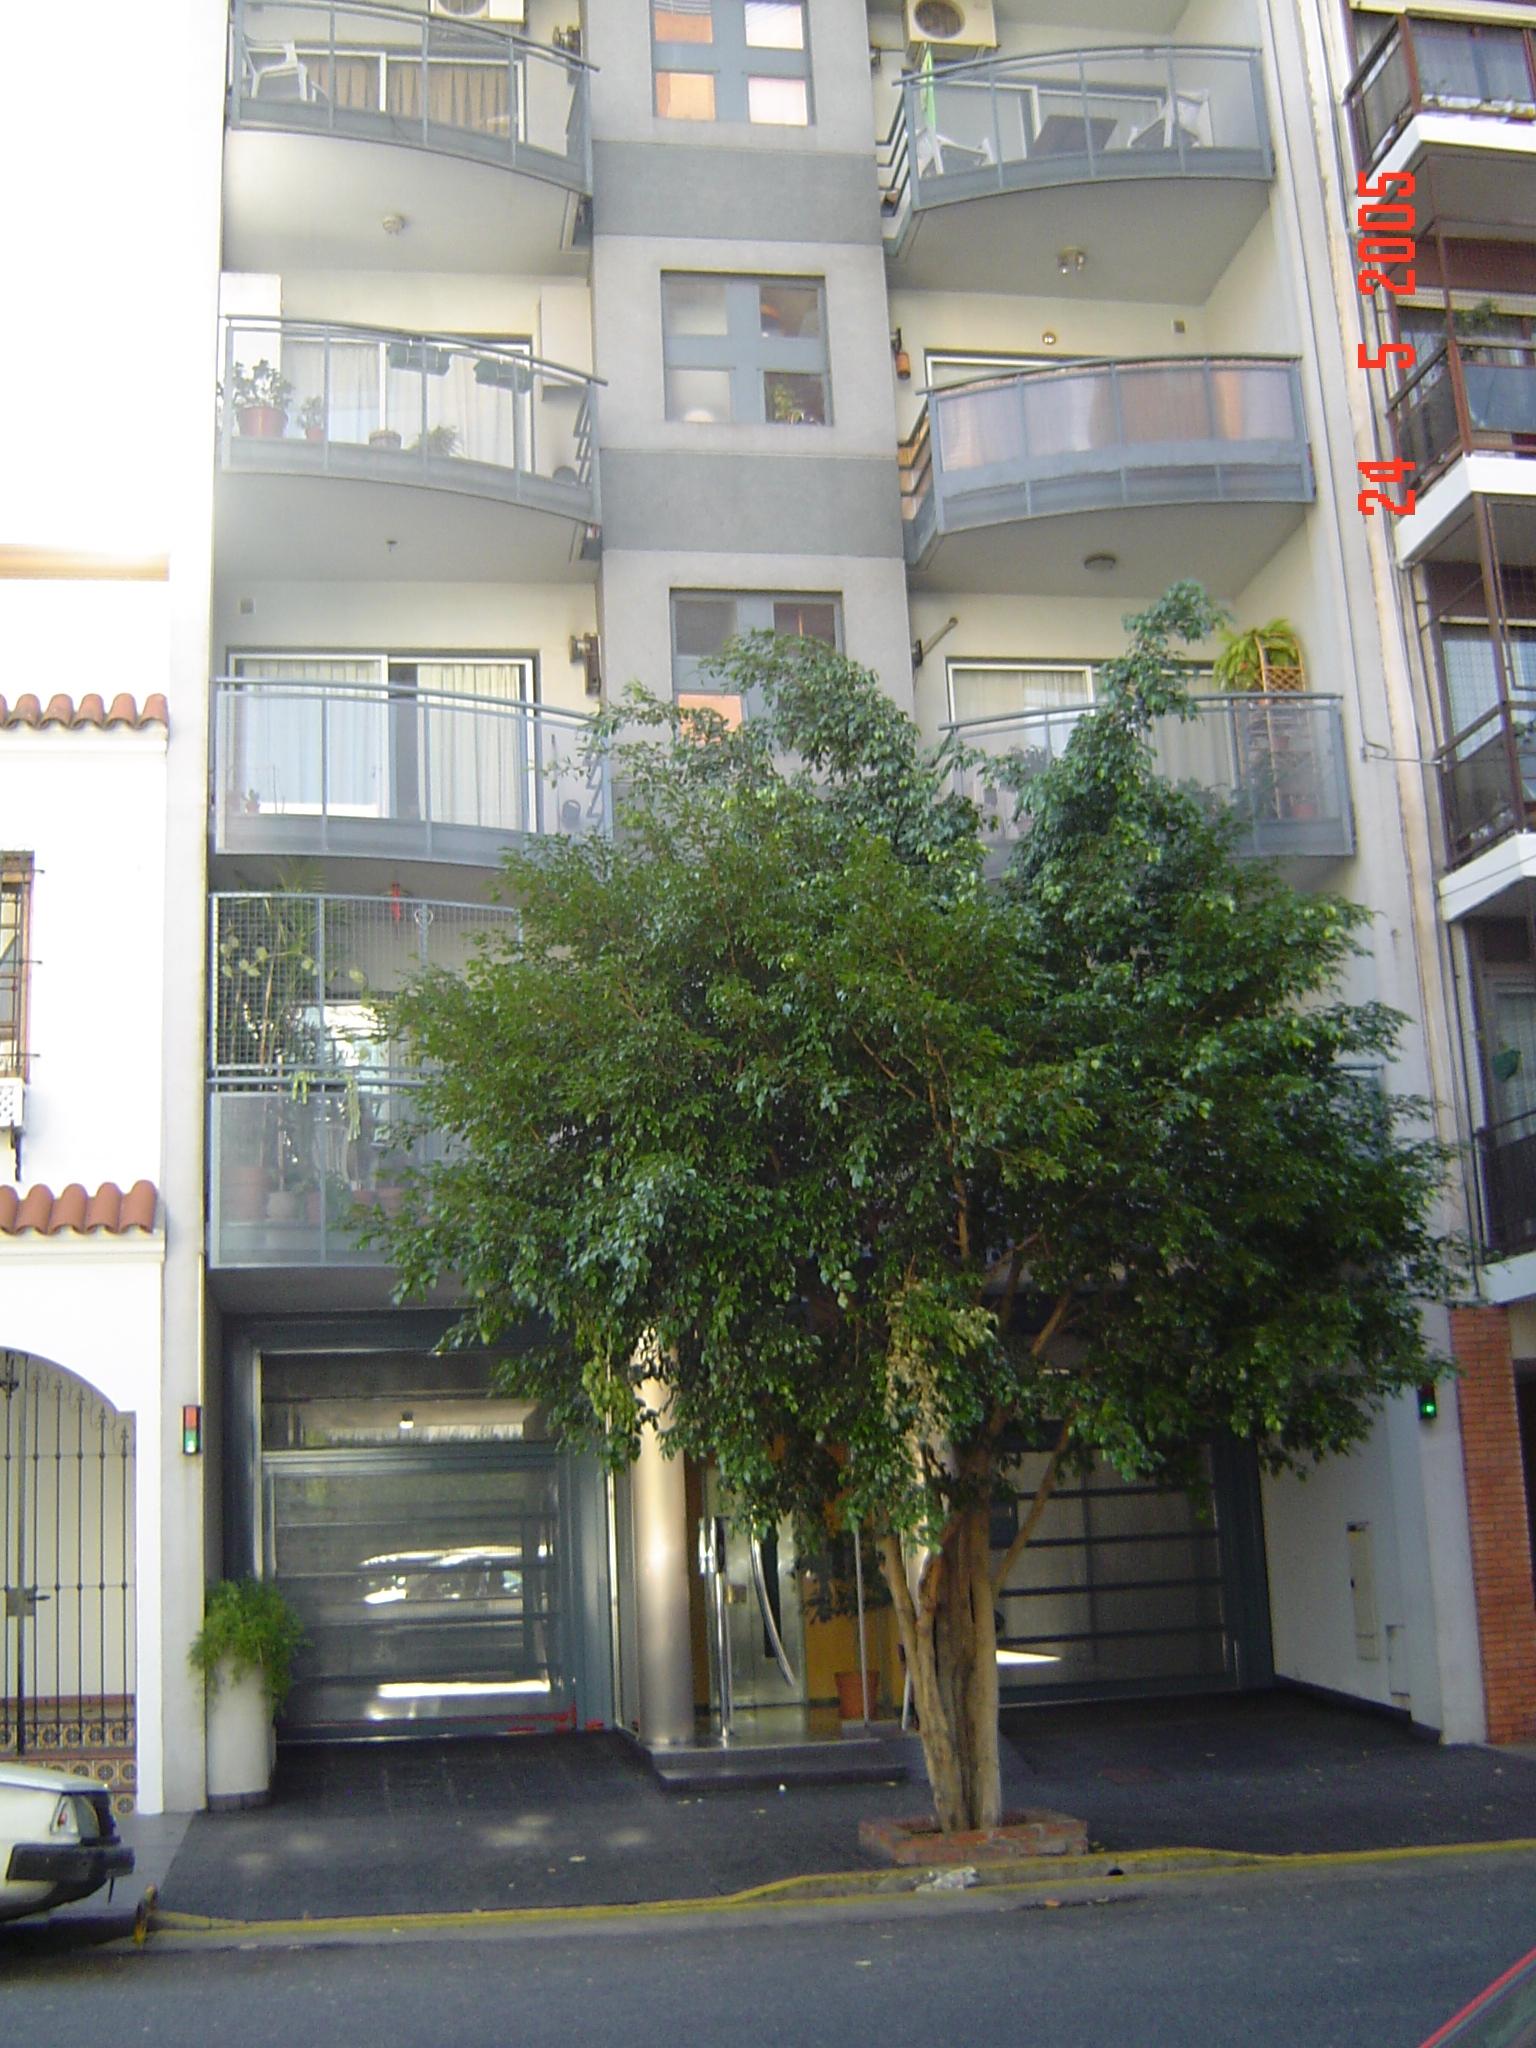 DOBILIA SA Construcciones - Propiedades Horizontales - Edificio Pedraza 2457-2